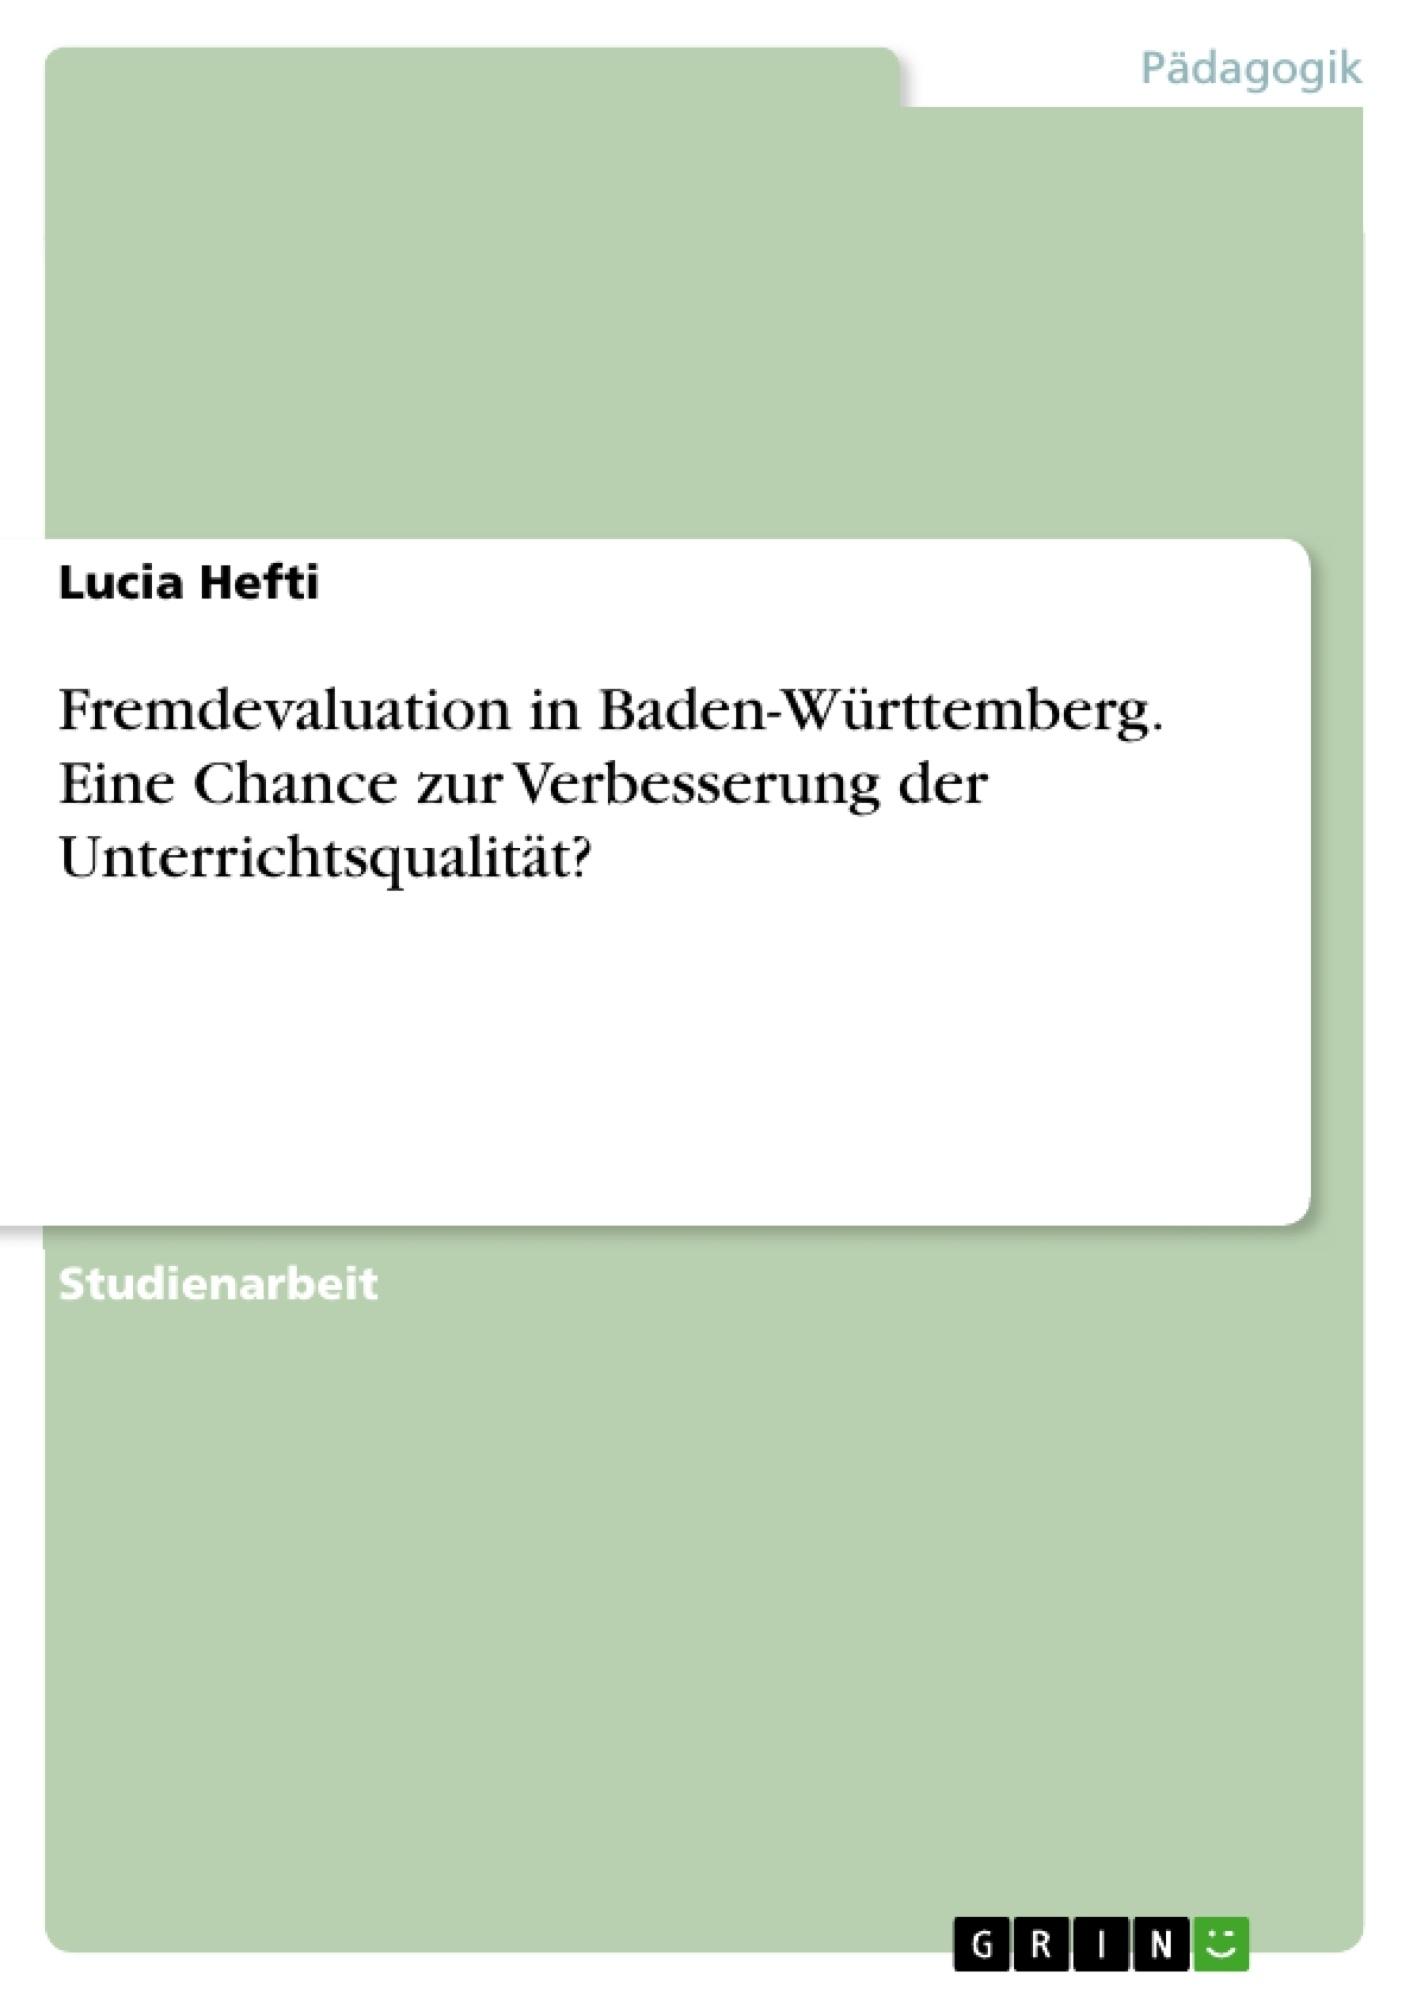 Titel: Fremdevaluation in Baden-Württemberg. Eine Chance zur Verbesserung der Unterrichtsqualität?